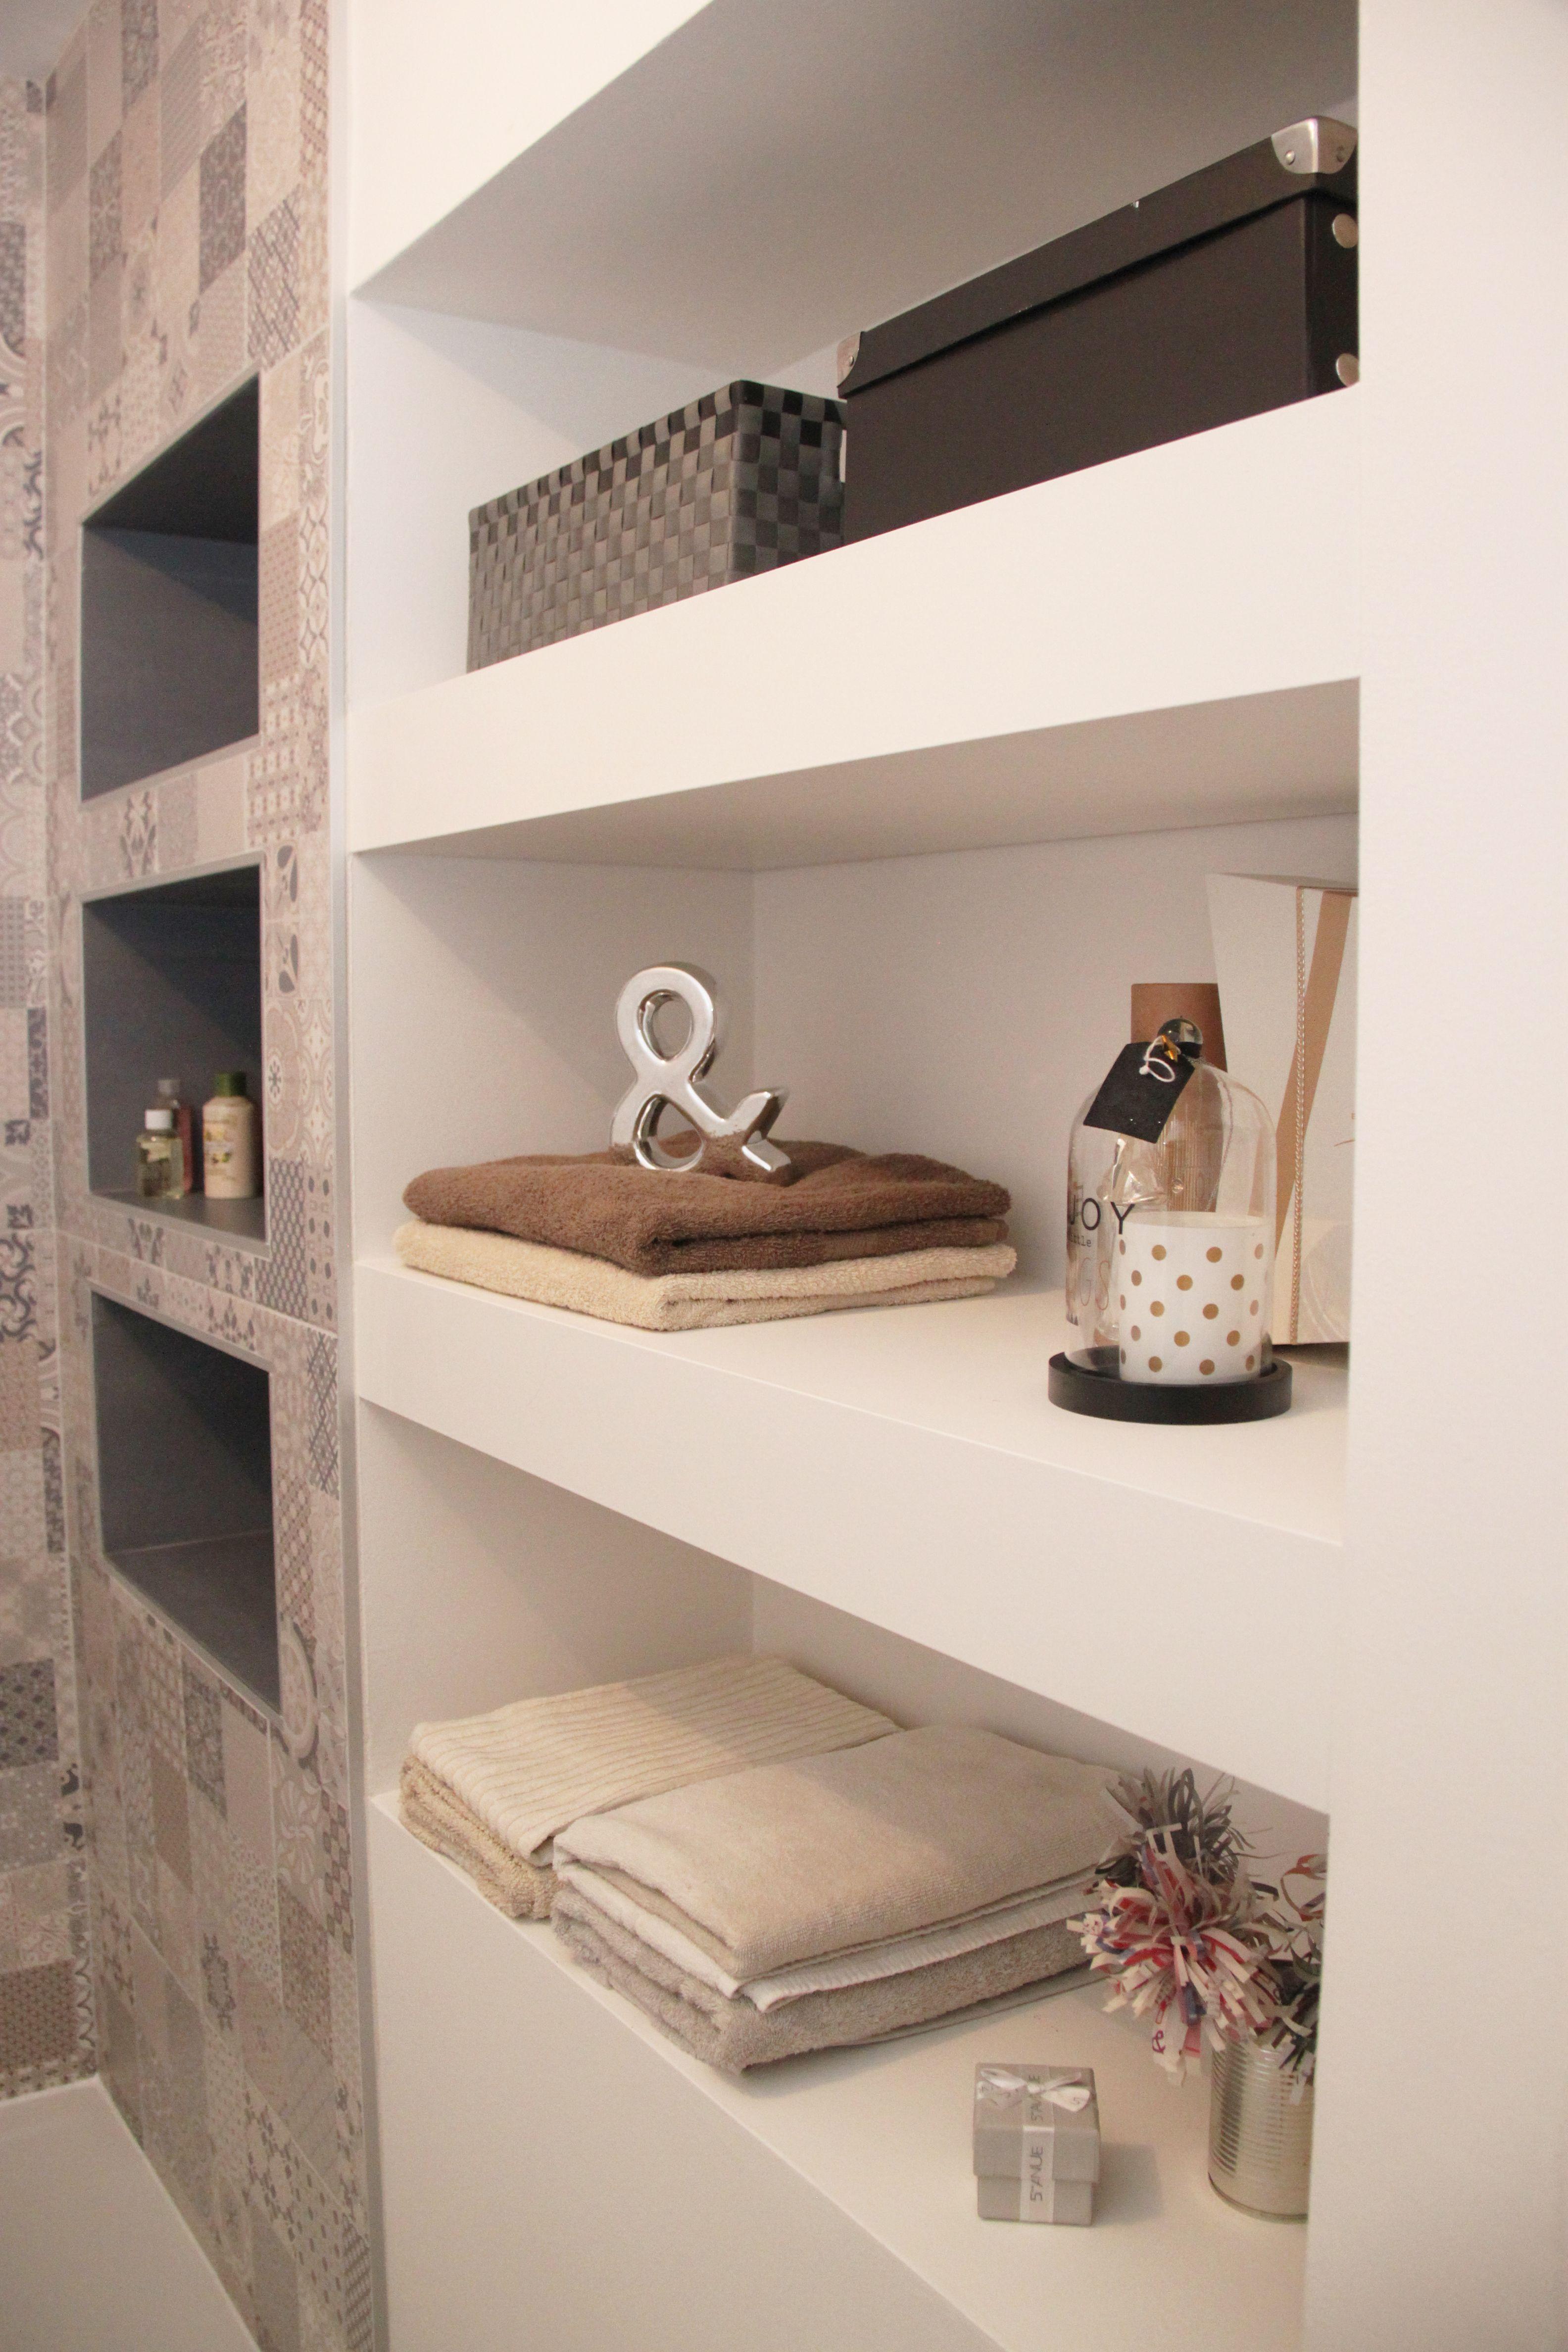 niches dans douche pour gel douche et rangement, décoration | Salle ...